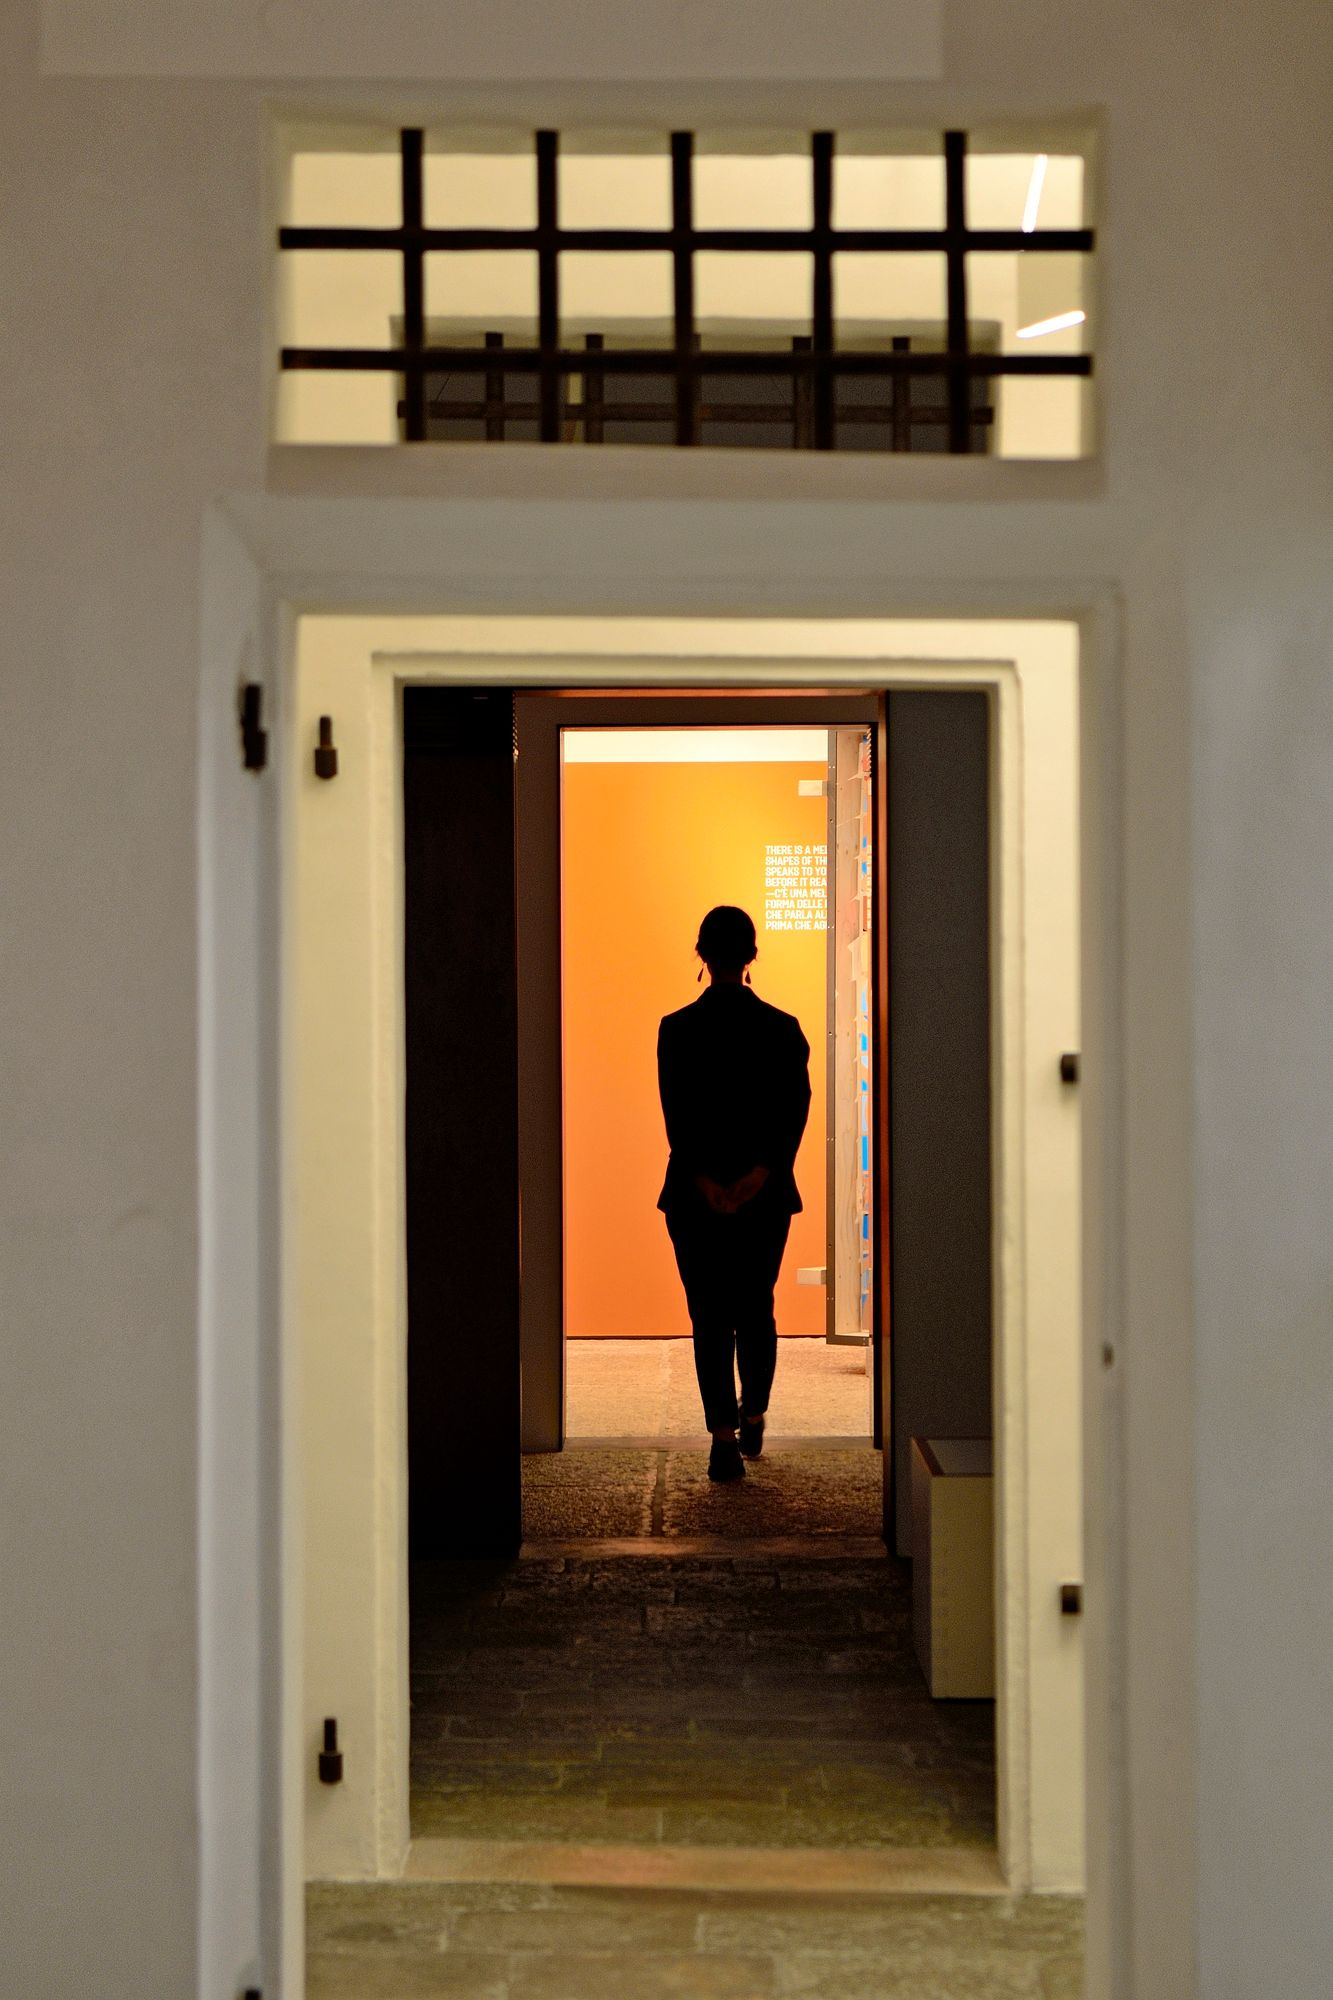 Entiseen vankilaan tehdyssä Gallerie delle Prigionissa on esillä nykytaidetta. Museon pääsponsori on Benettonien perhe. © Pekka Numminen